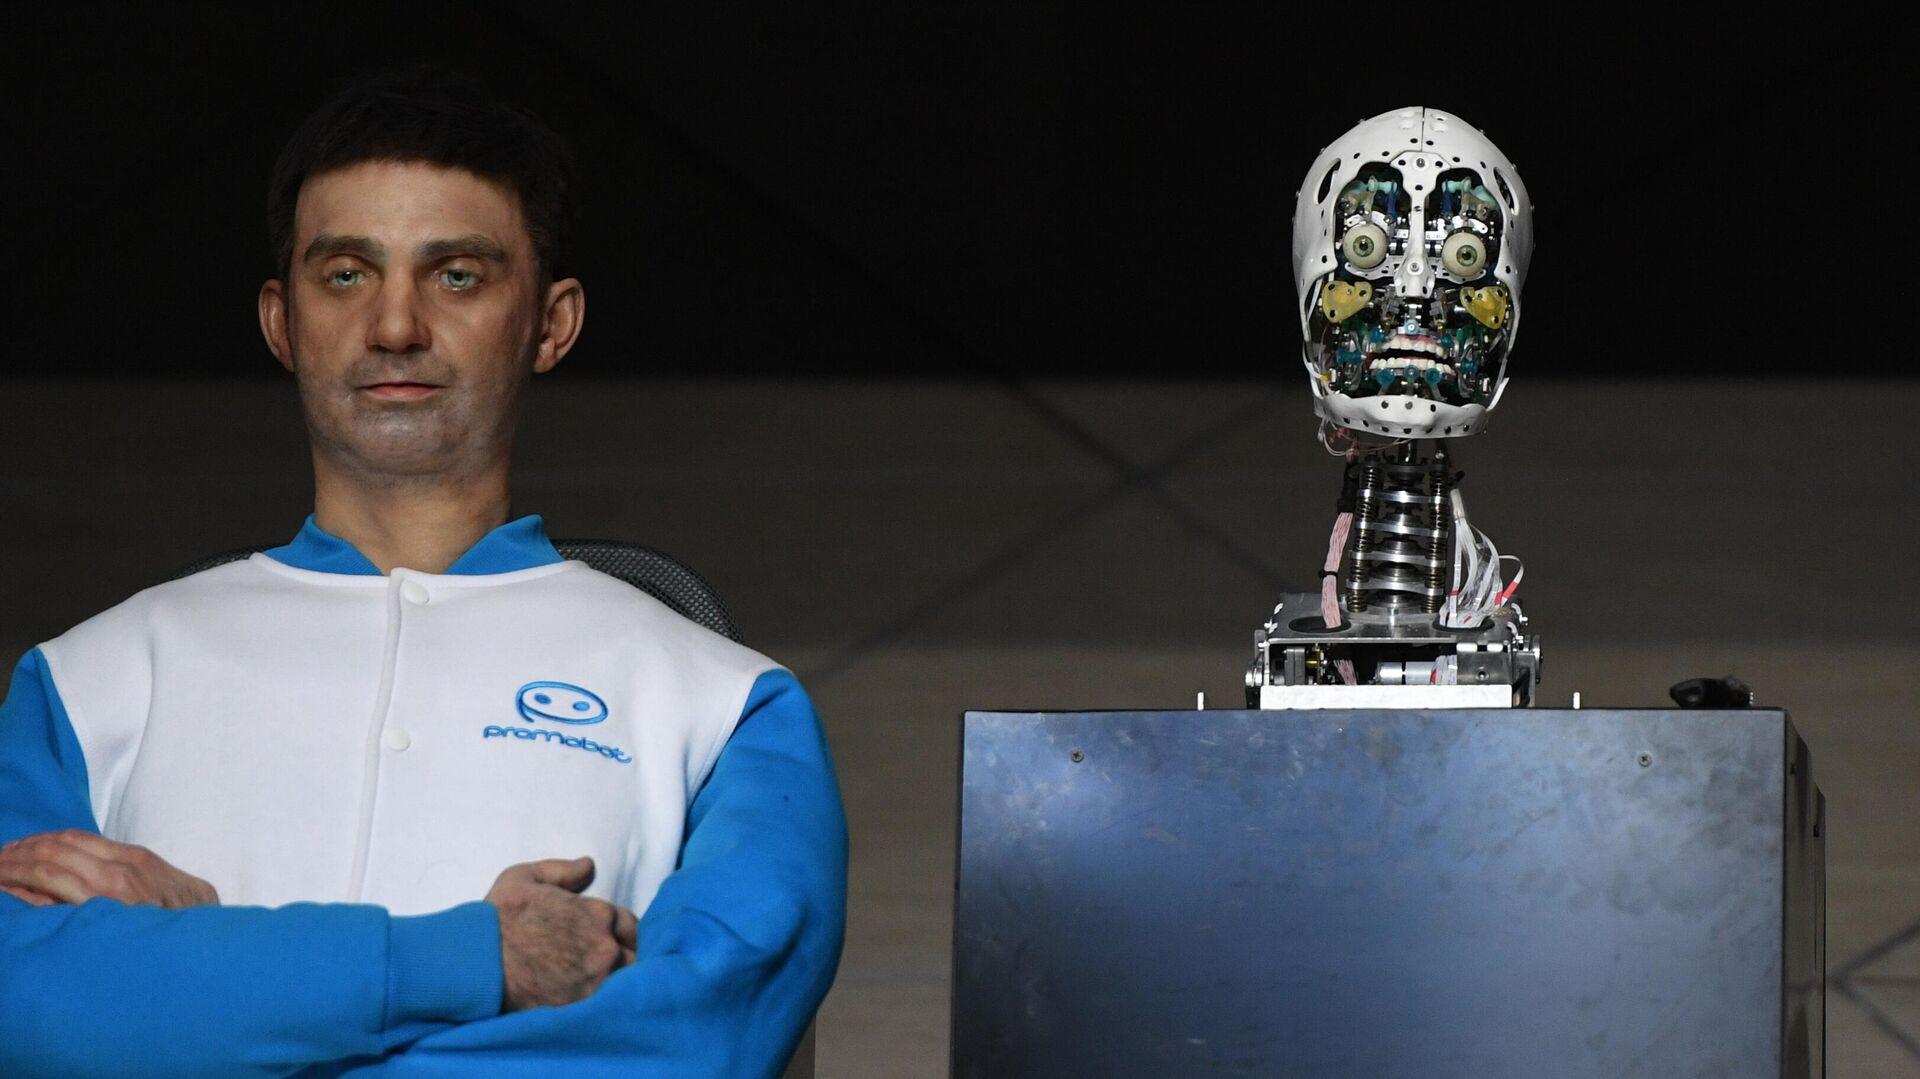 Un robot de la empresa rusa Promobot - Sputnik Mundo, 1920, 16.06.2021